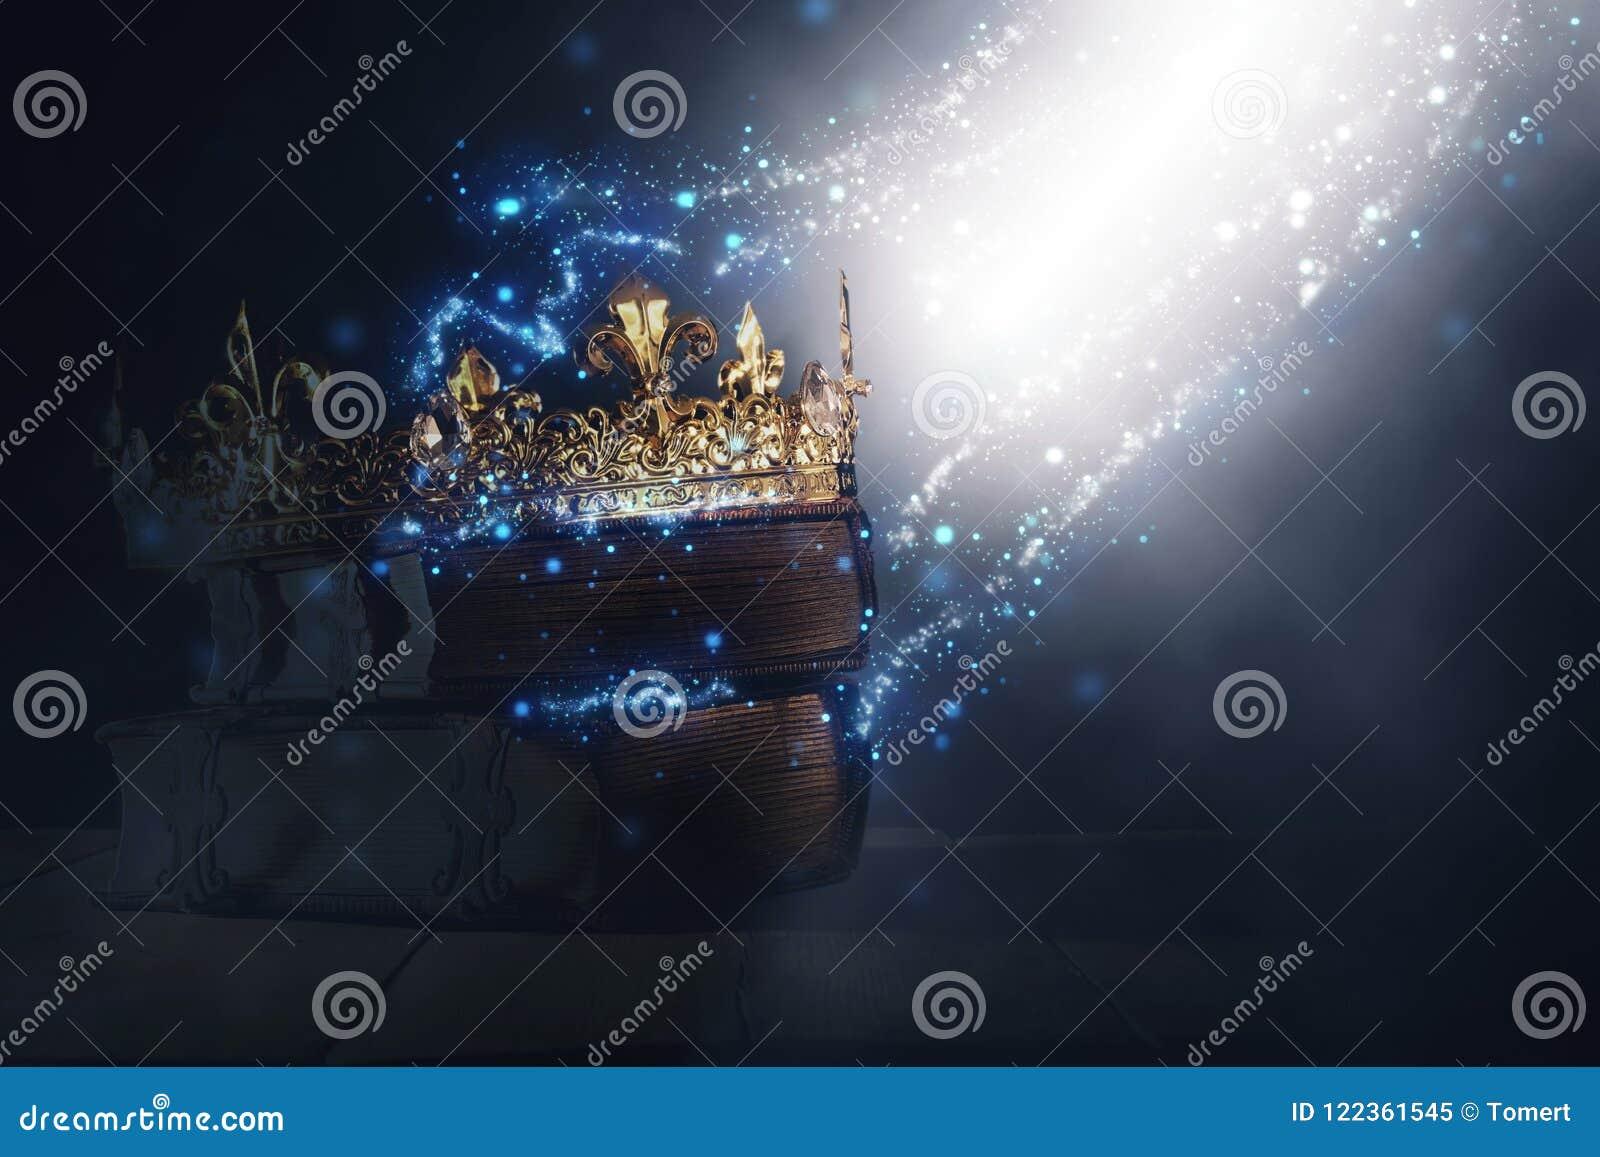 Mysteriousand magisch beeld van oud kroon en boek over gotische zwarte achtergrond middeleeuws periodeconcept